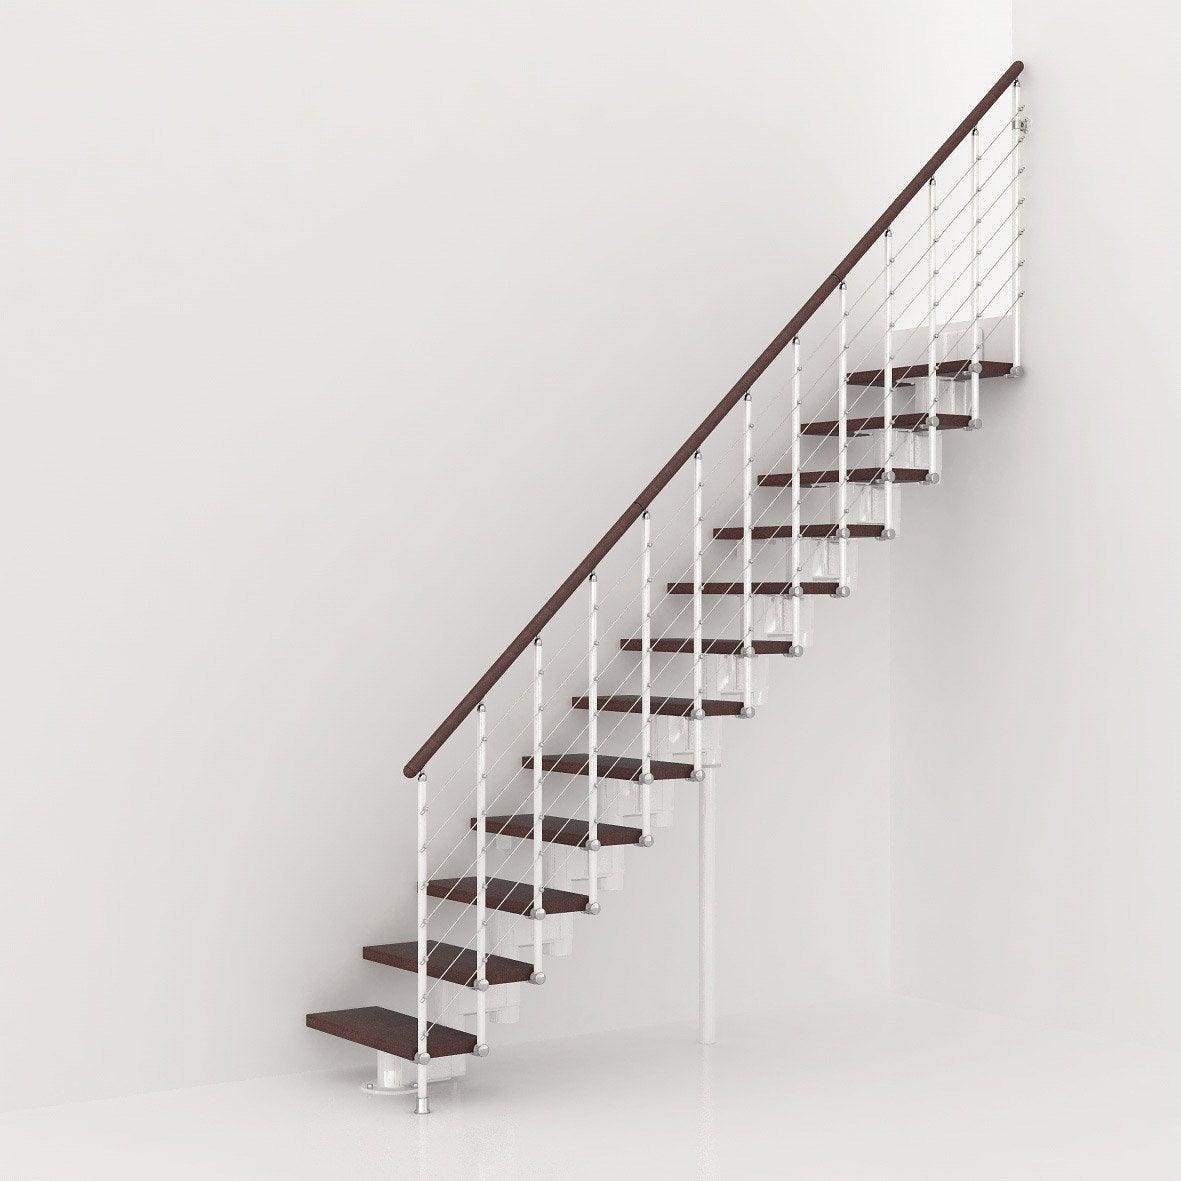 Escalier modulaire long structure m tal marche bois - Bloc marche leroy merlin ...